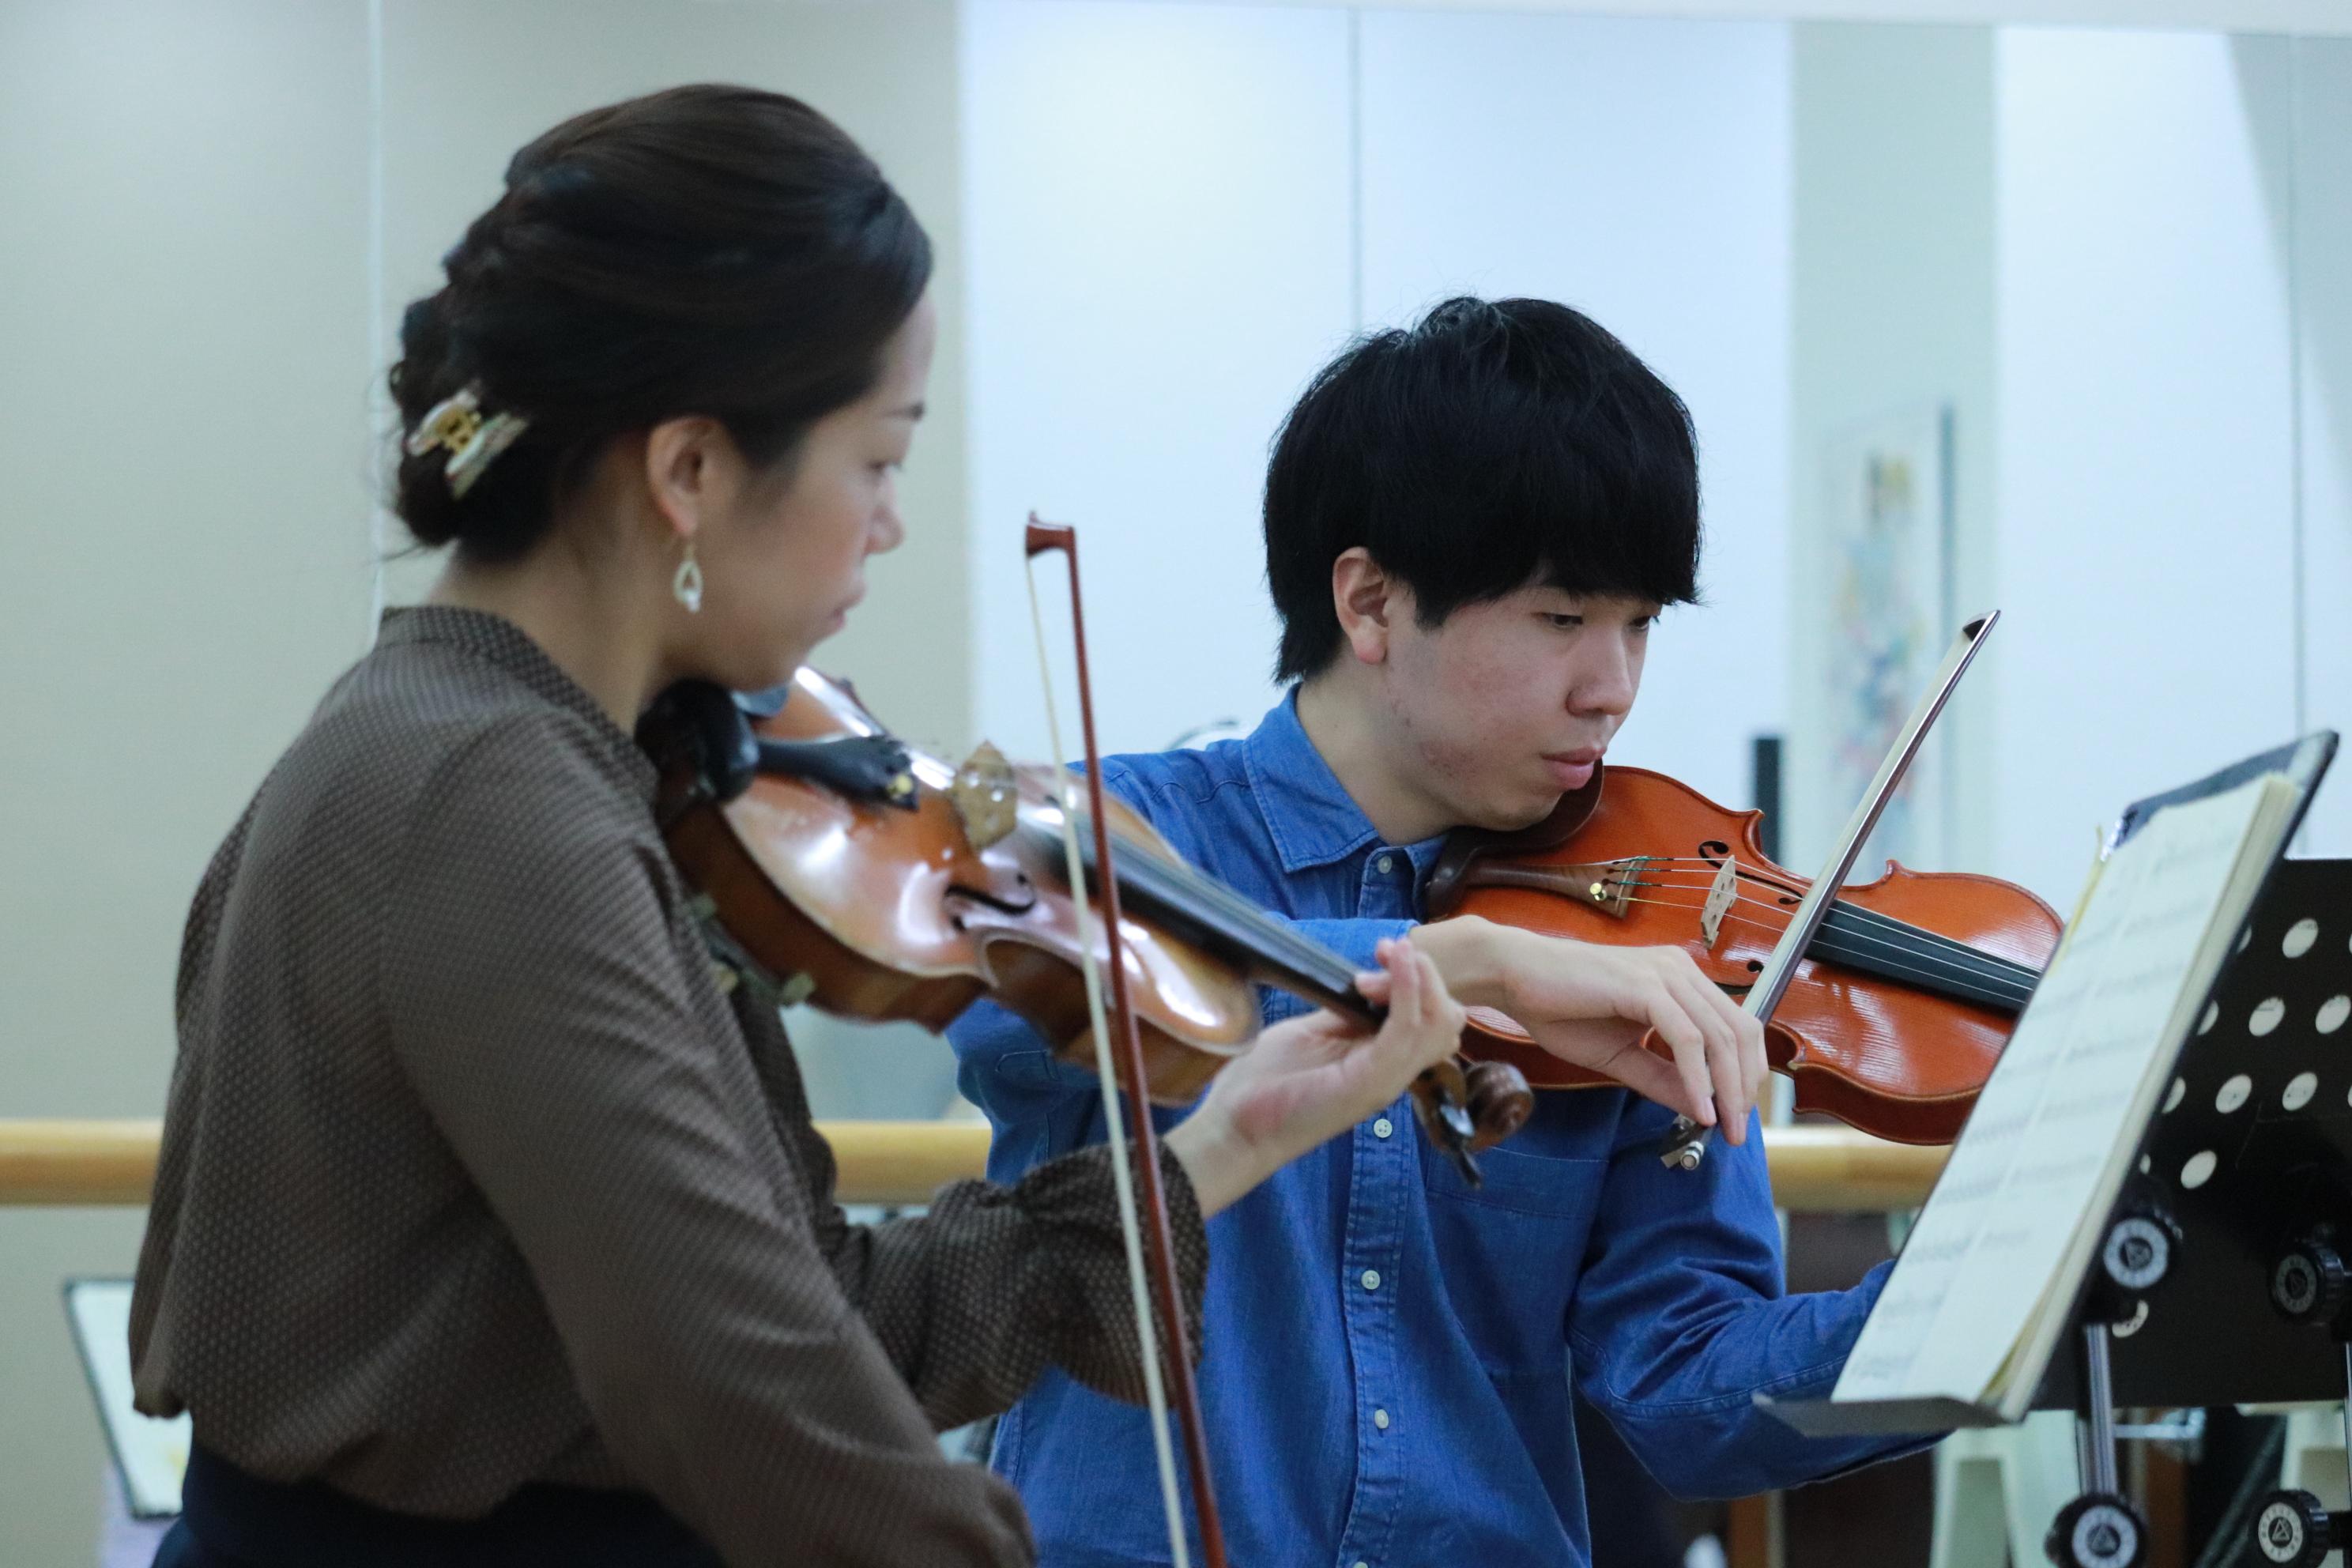 ヴァイオリン奏者の女性・男性を撮影した横からのアングル。